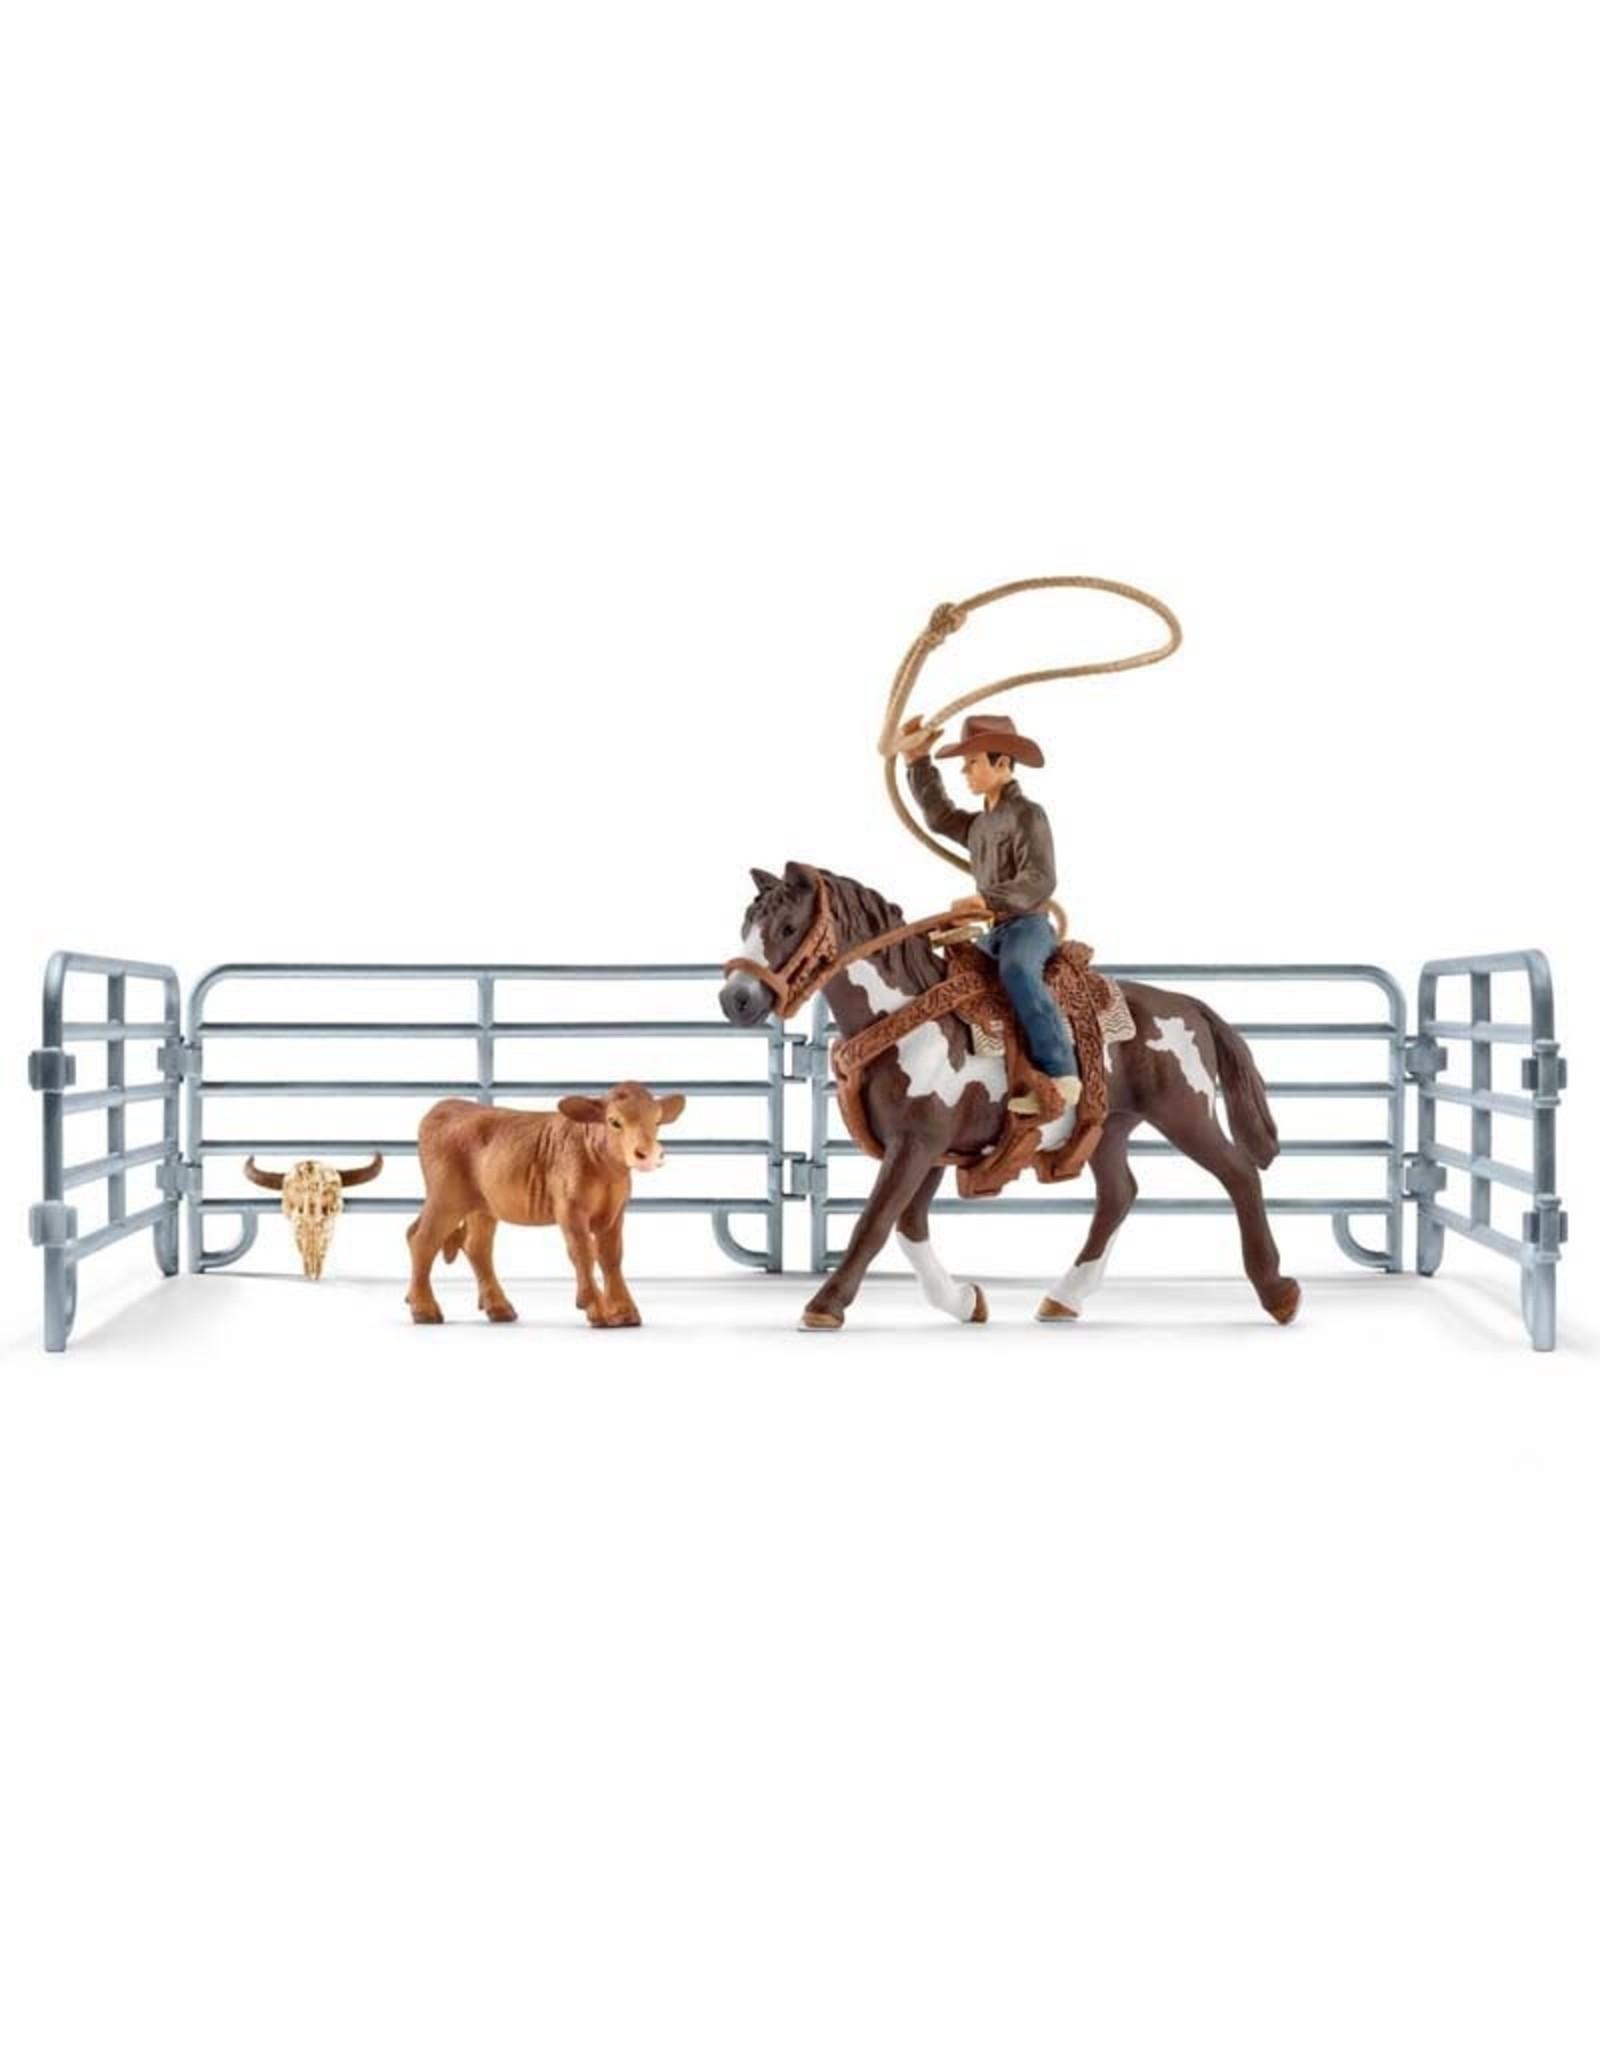 Schleich Schleich Team roping with cowboy